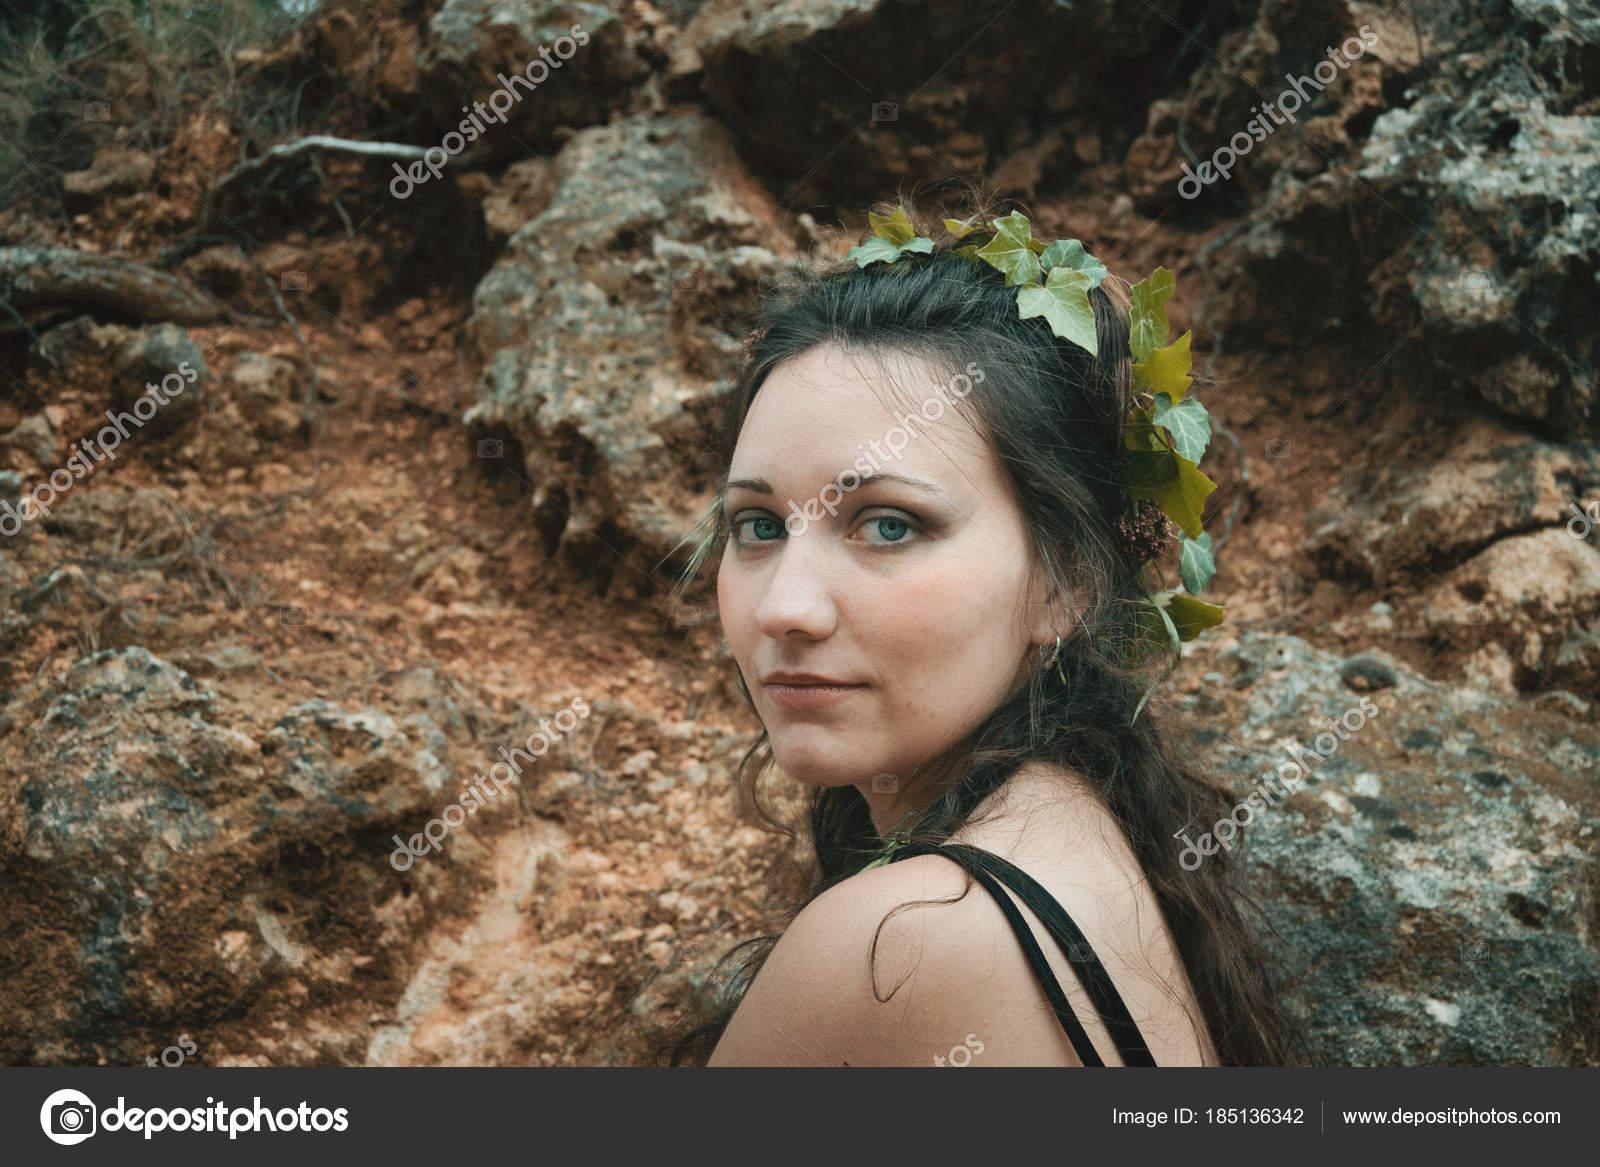 Elfe de la forêt avec des plantes dans les cheveux, maquillage naturel\u2013  images de stock libres de droits